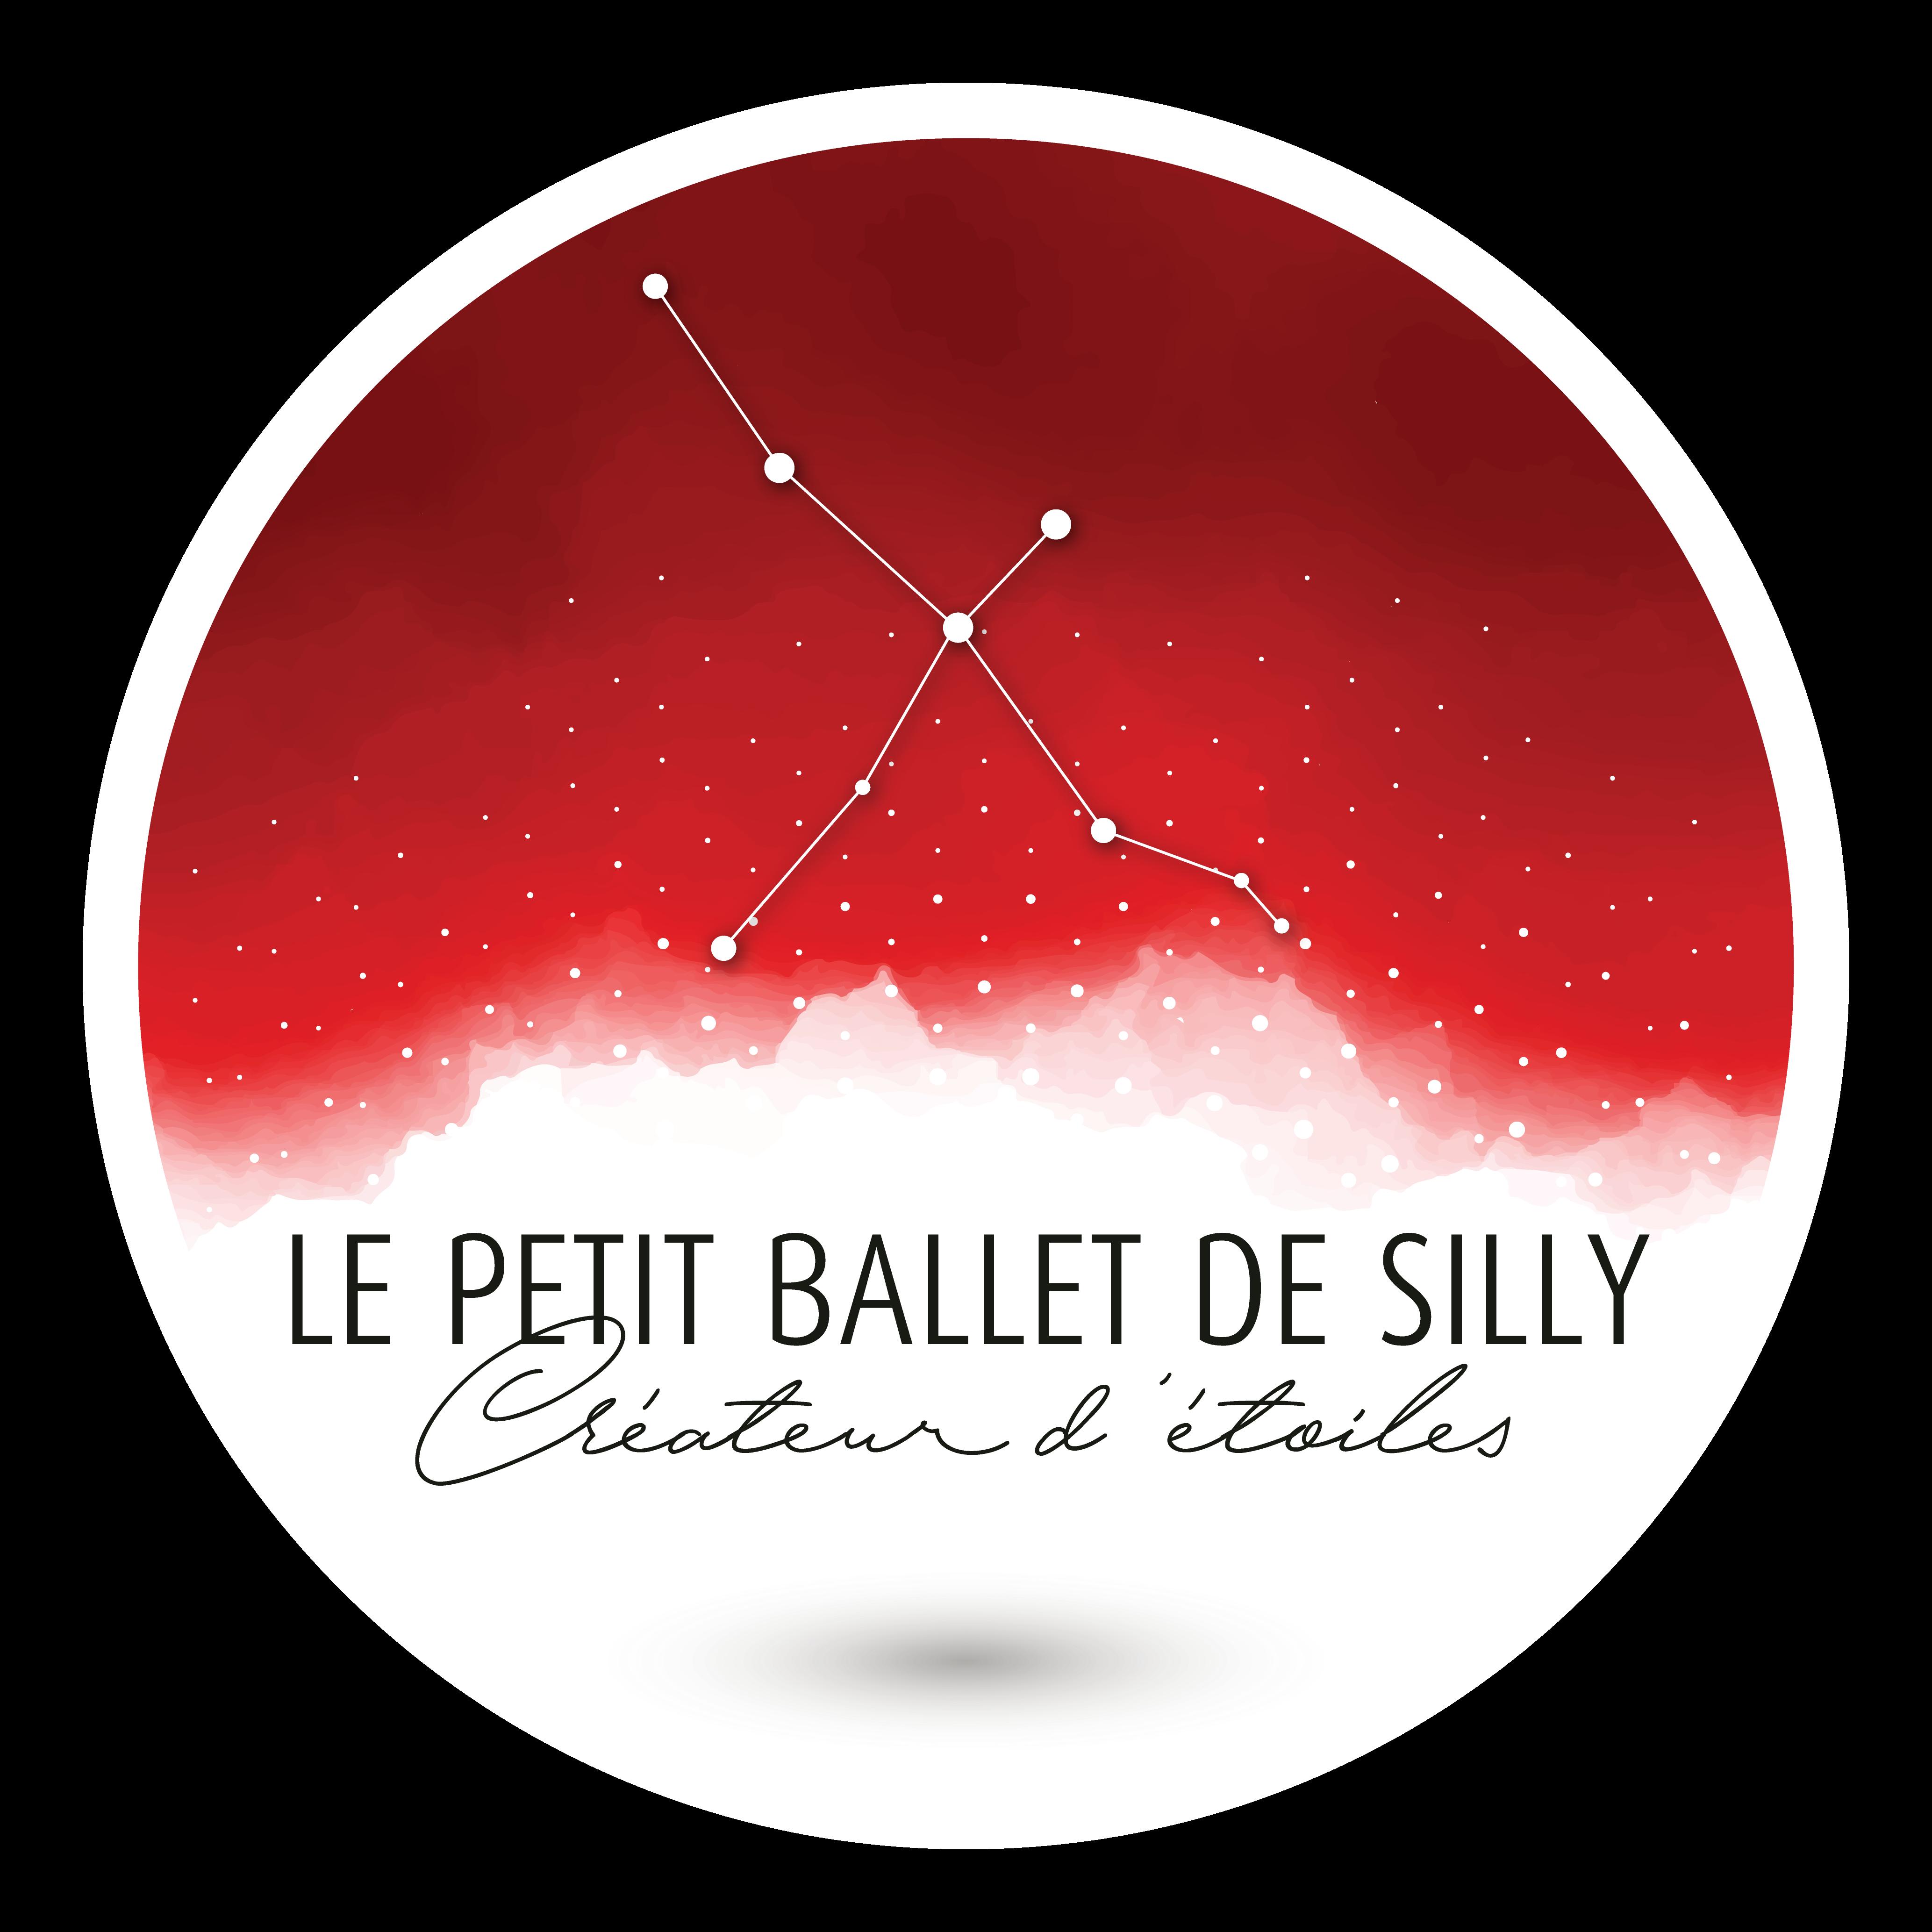 Le Petit Ballet de Silly